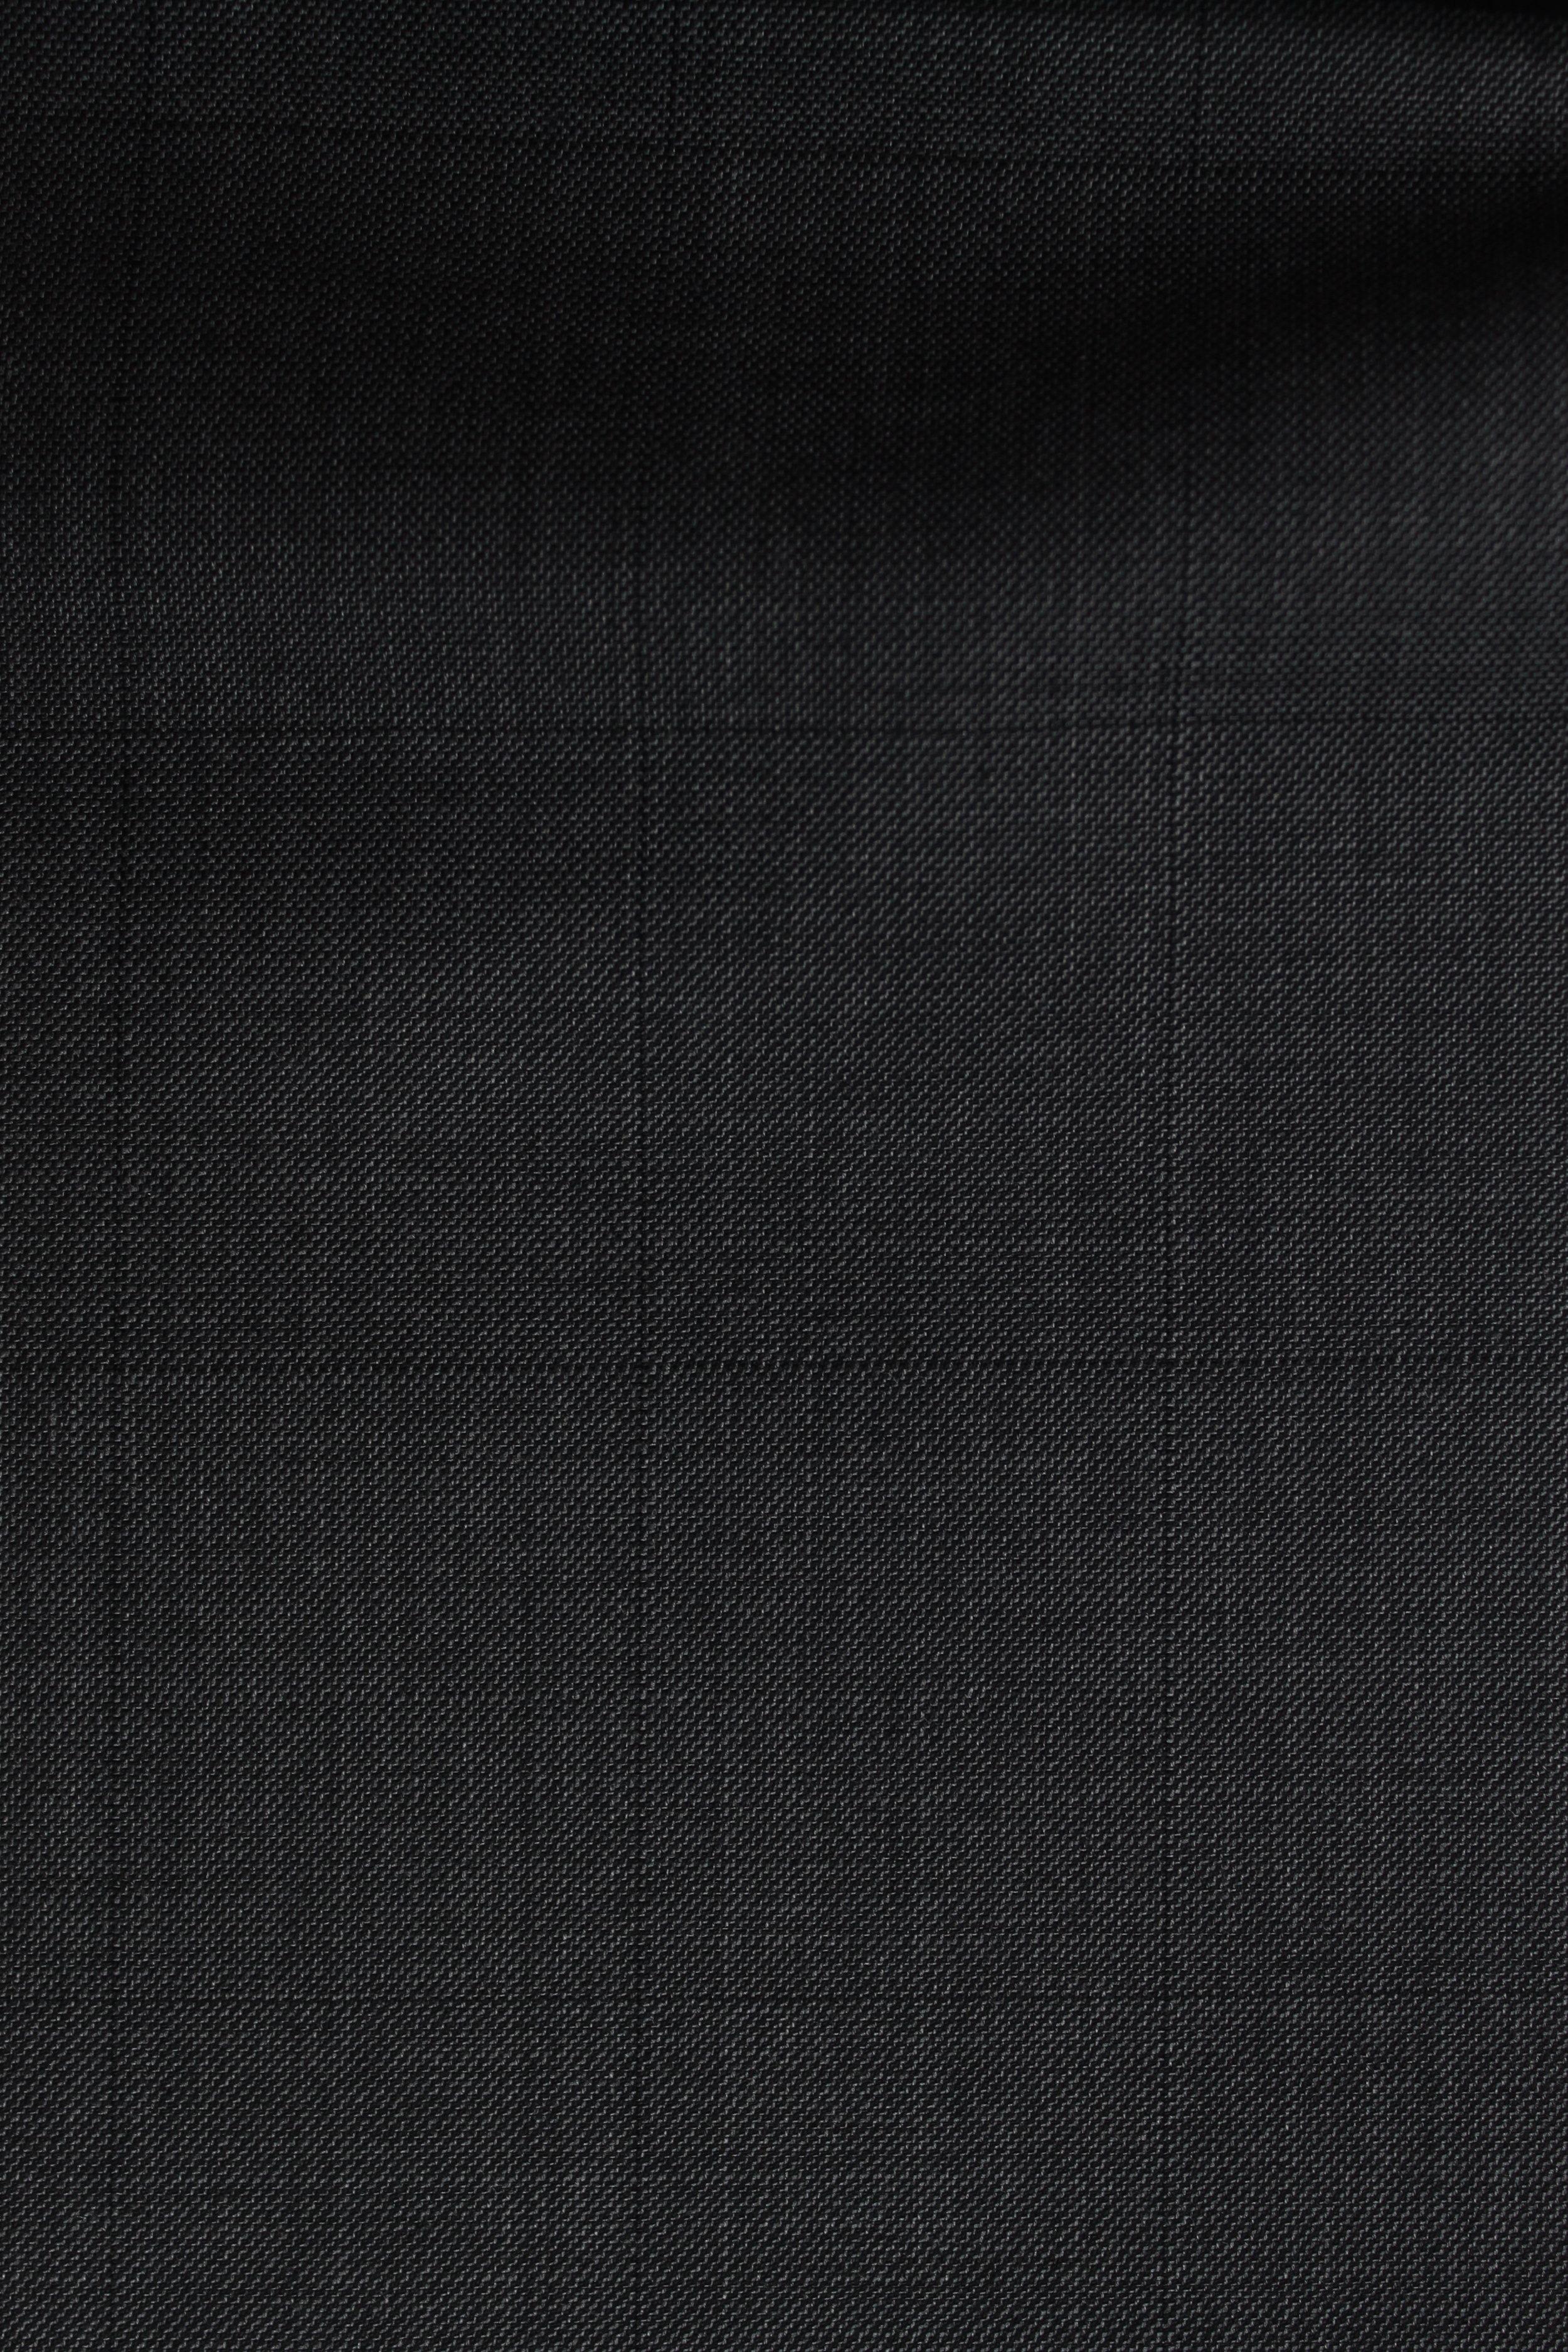 7160 Coal Grey Windowpane Pick 270g.JPG